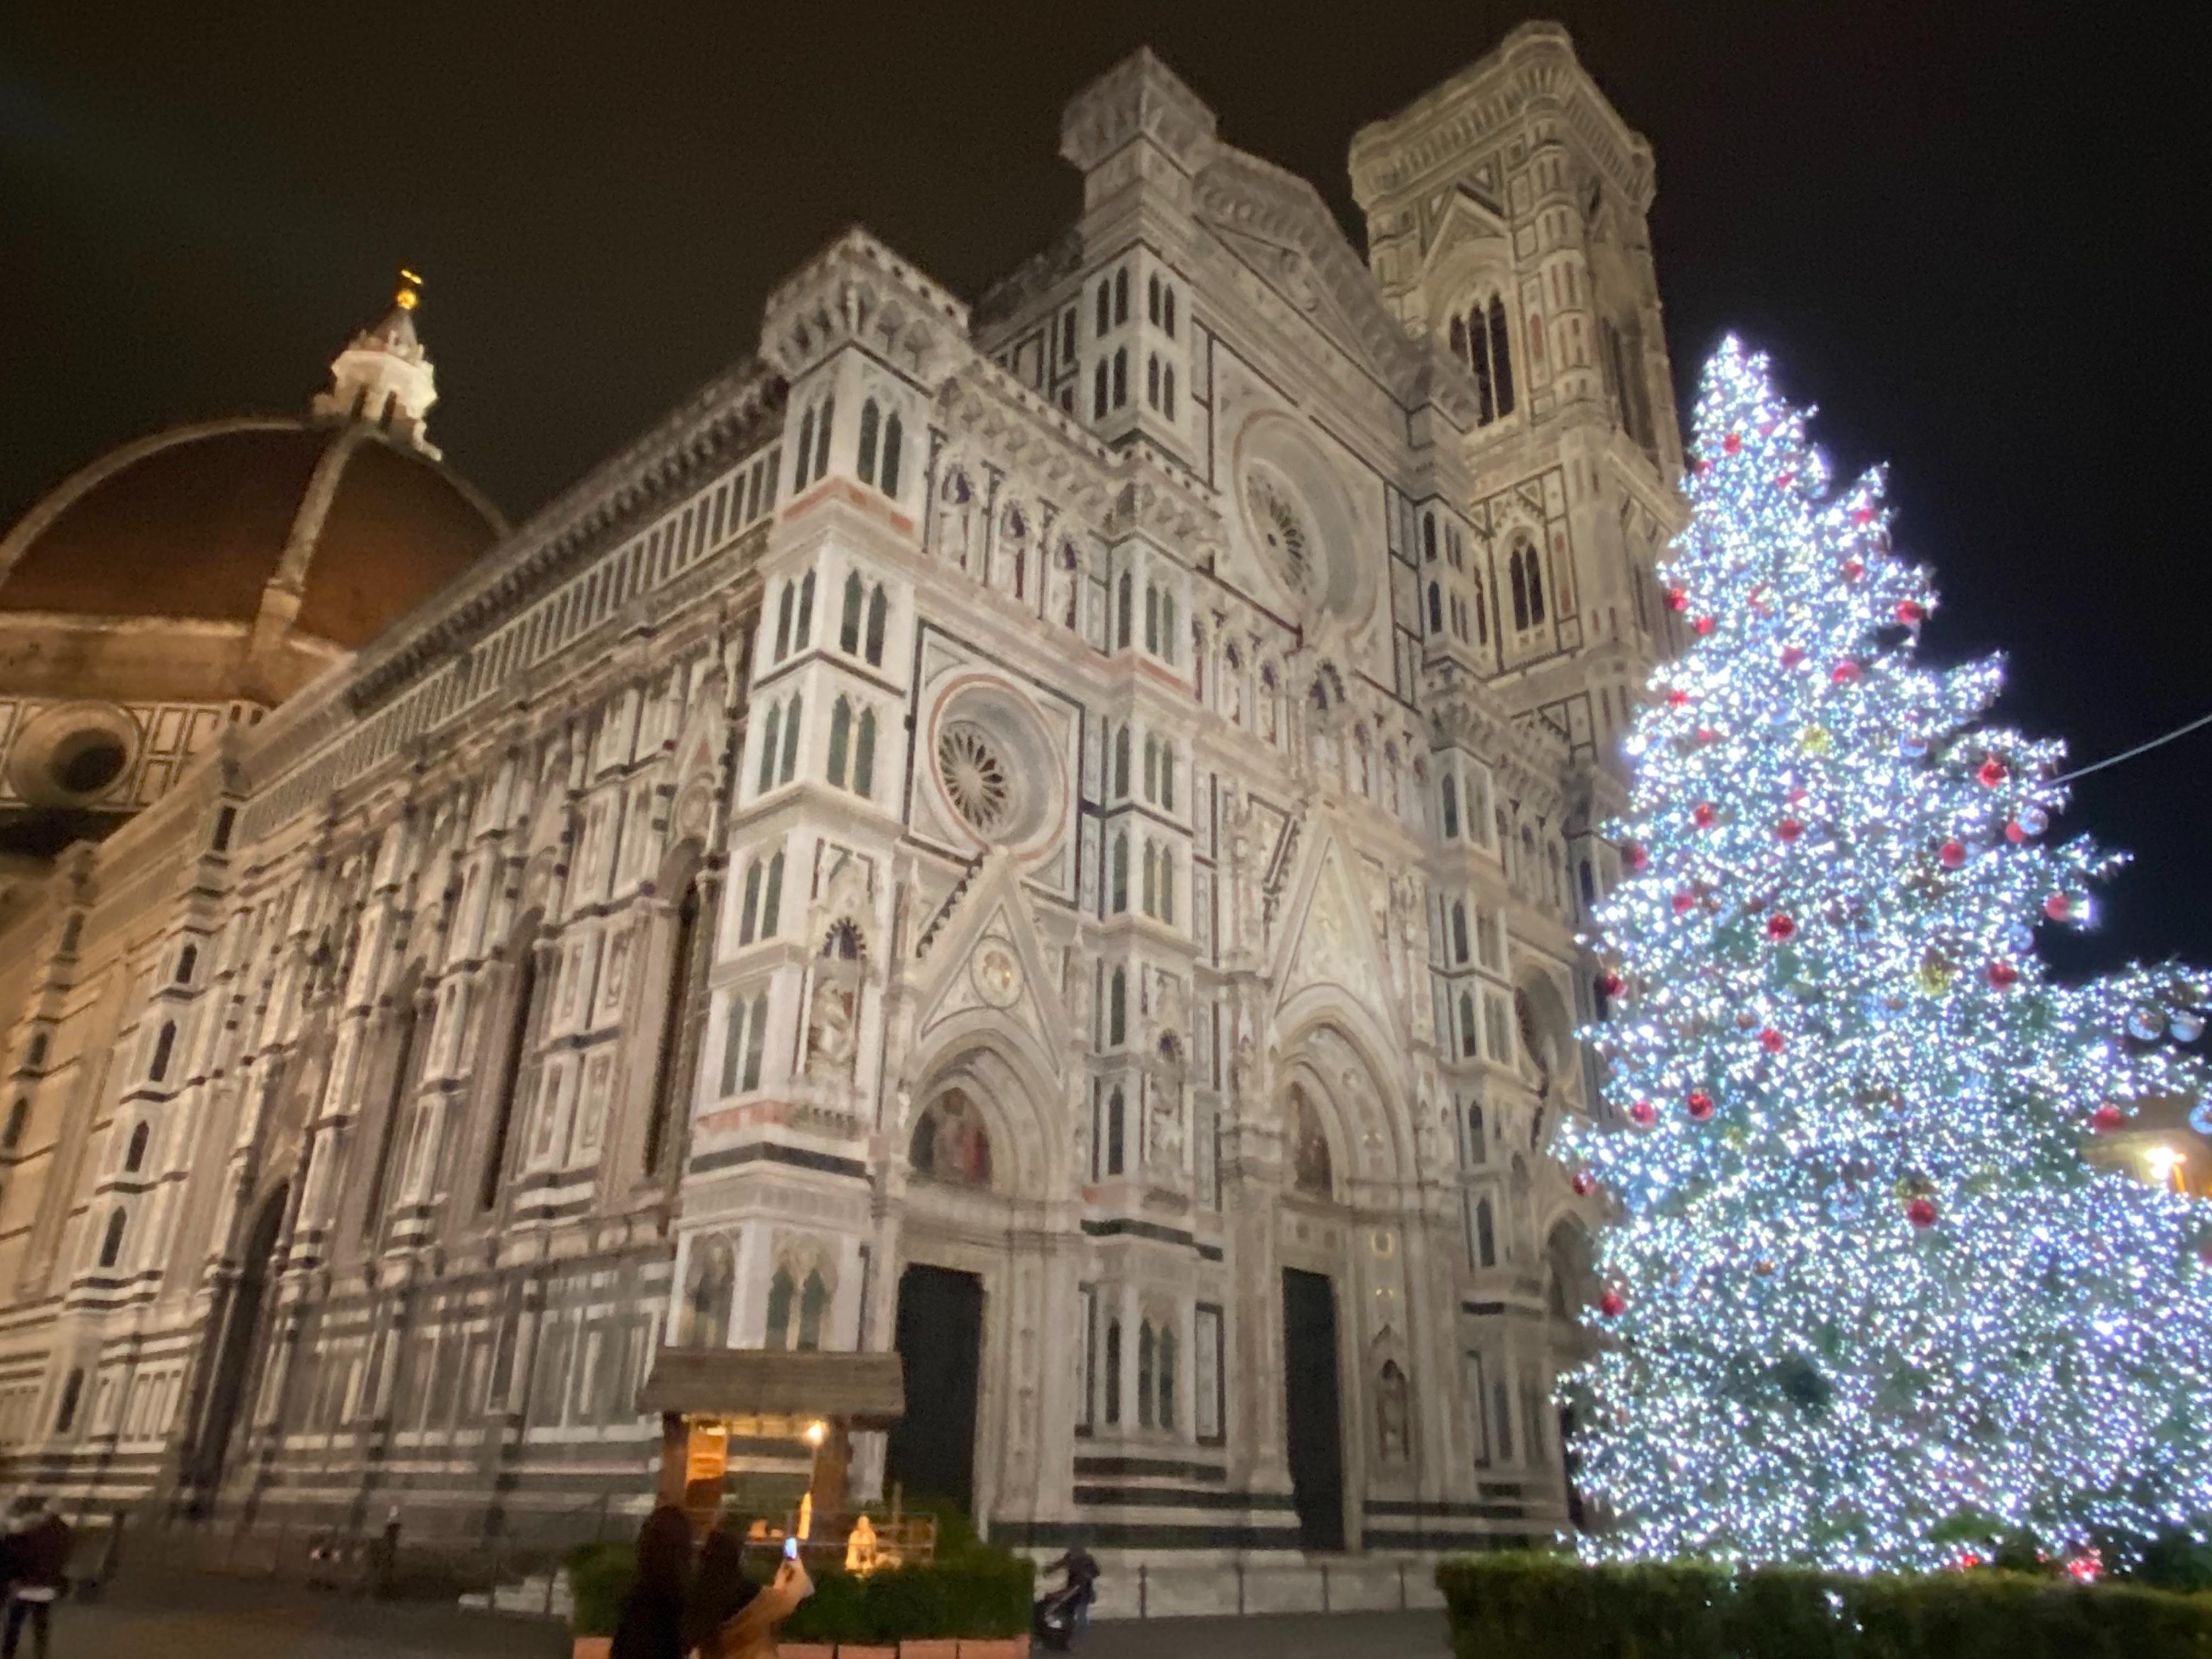 visite guidate Firenze